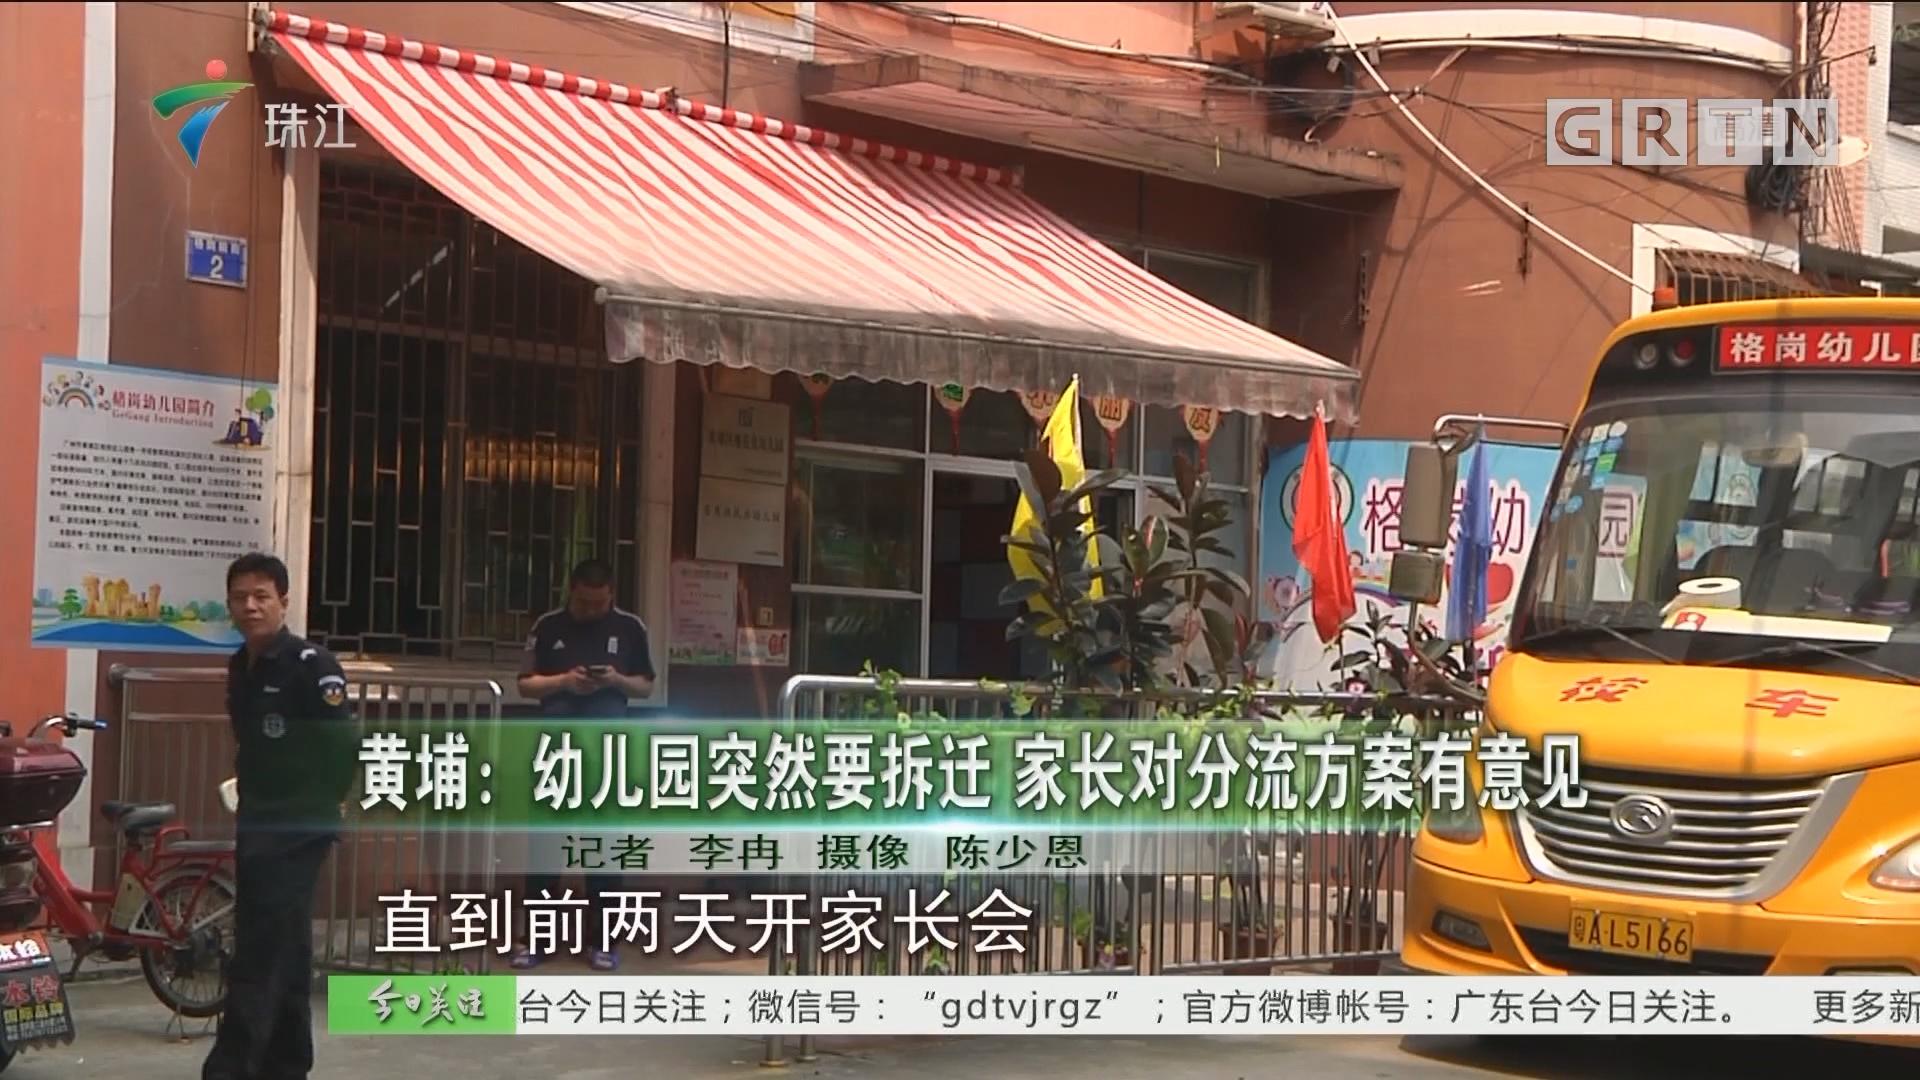 黄埔:幼儿园突然要拆迁 家长对分流方案有意见